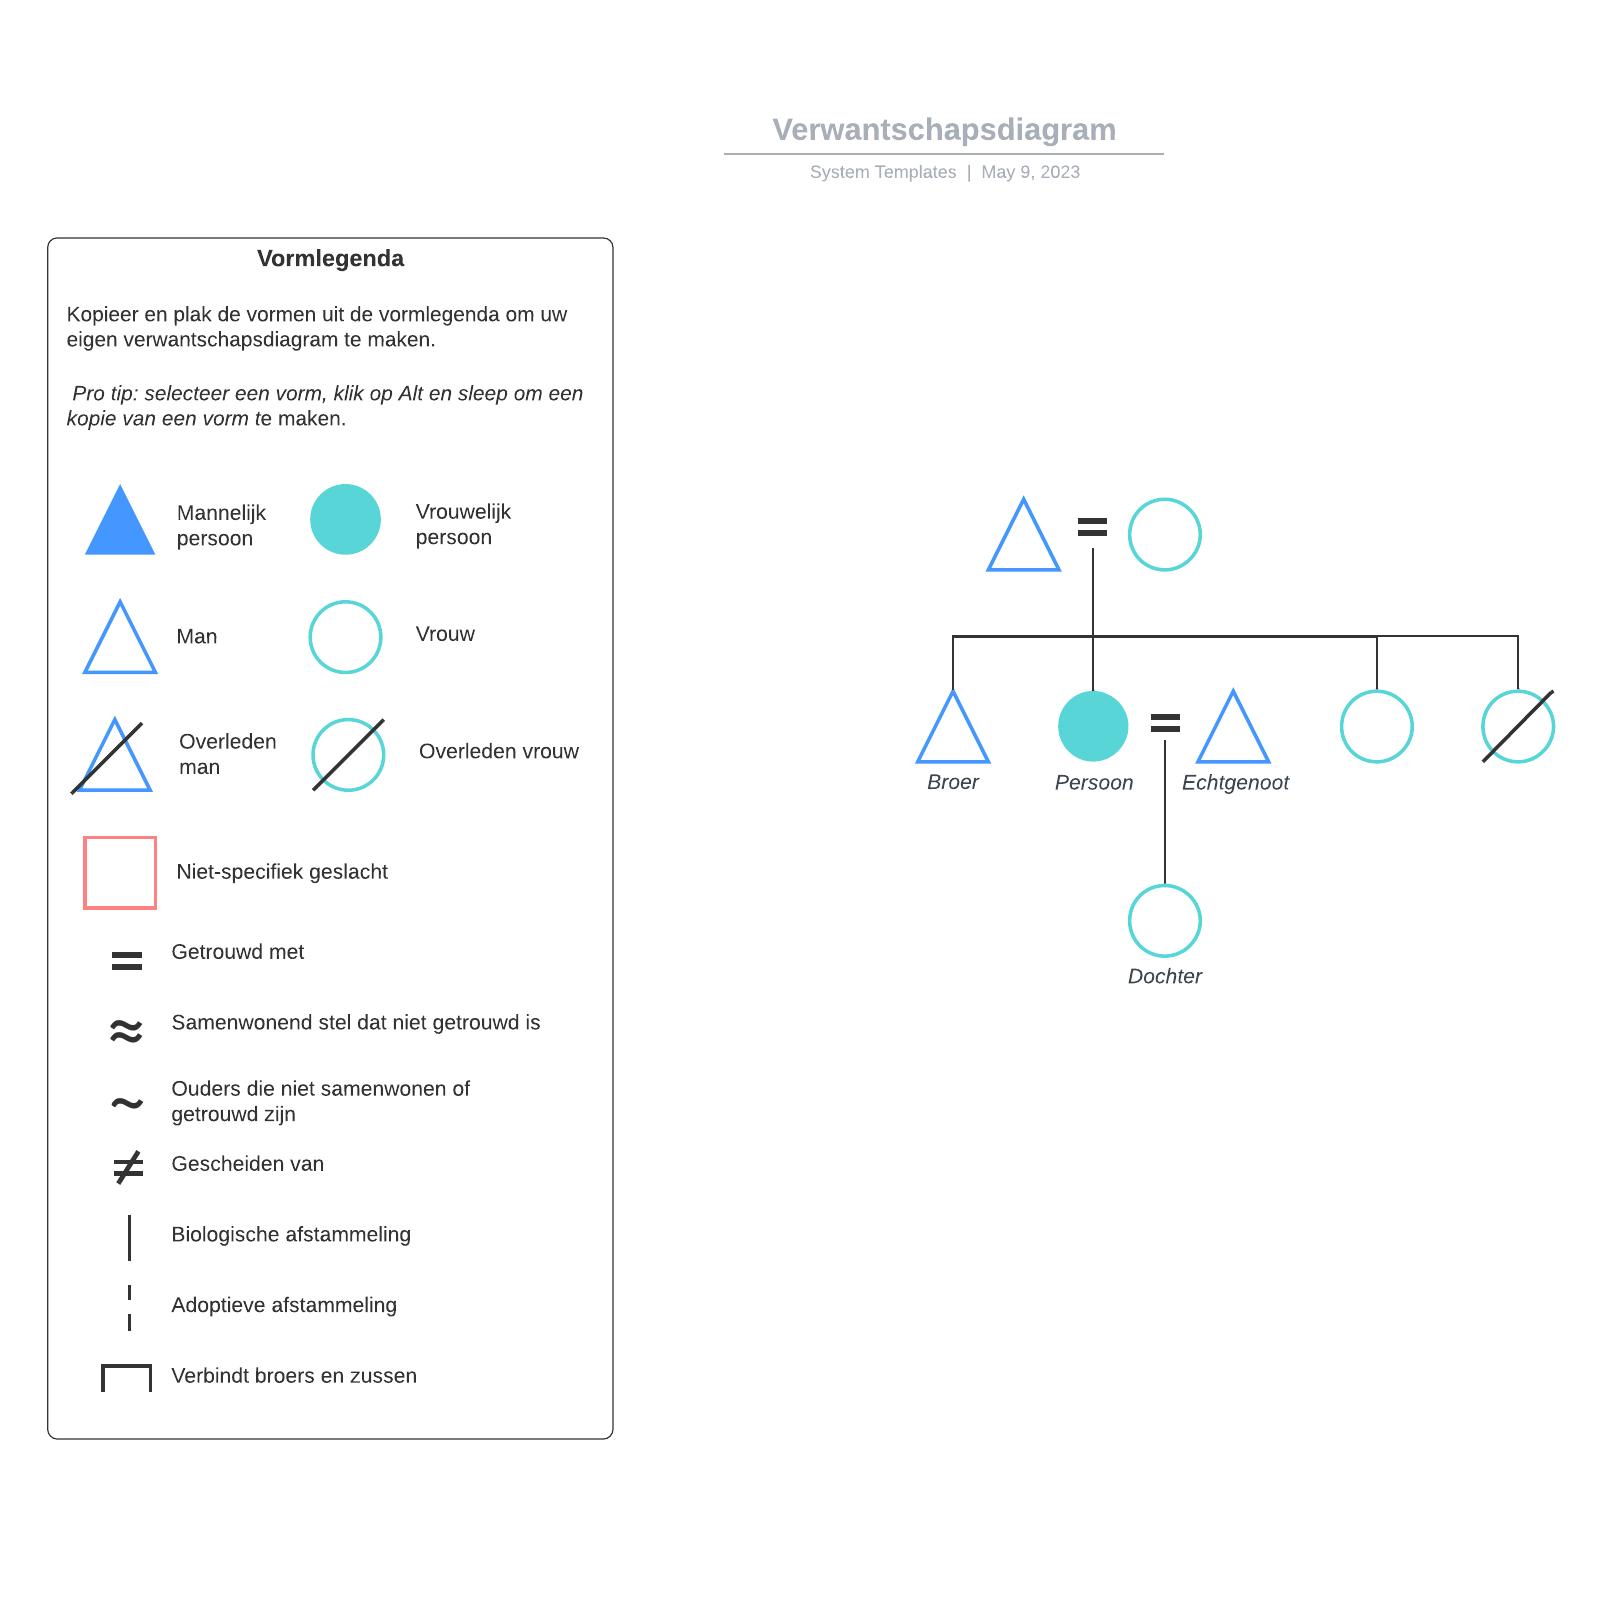 Verwantschapsdiagram